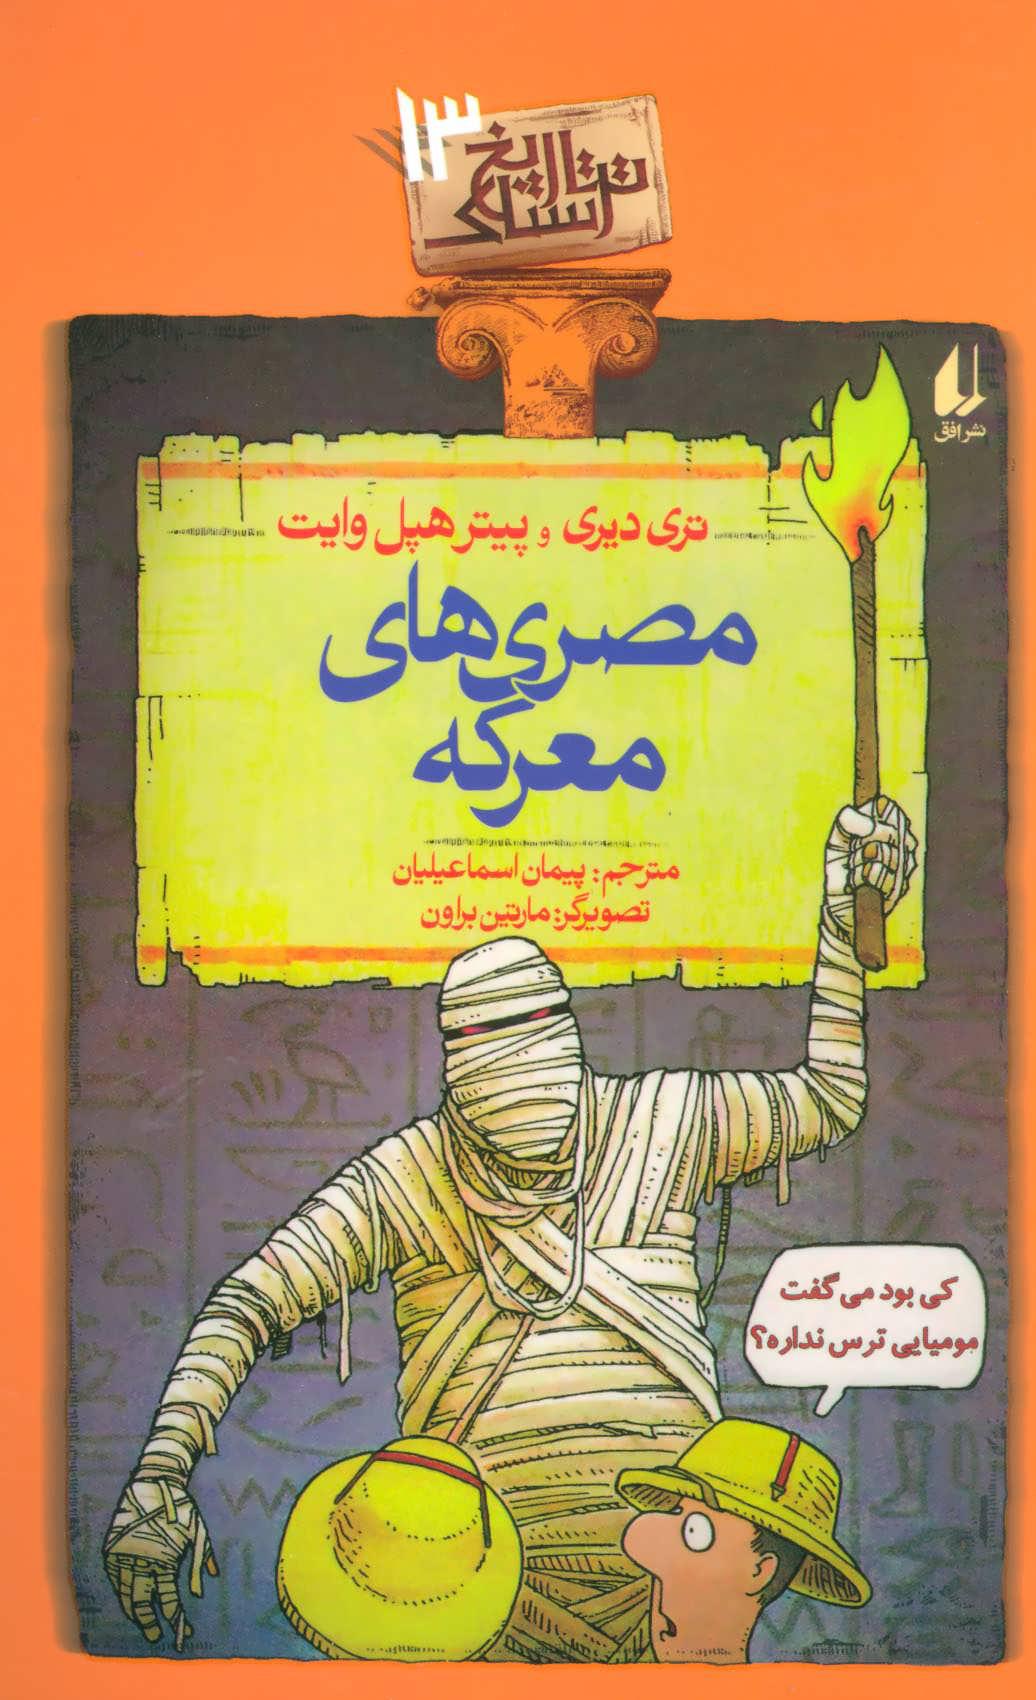 کتاب مصری های معرکه